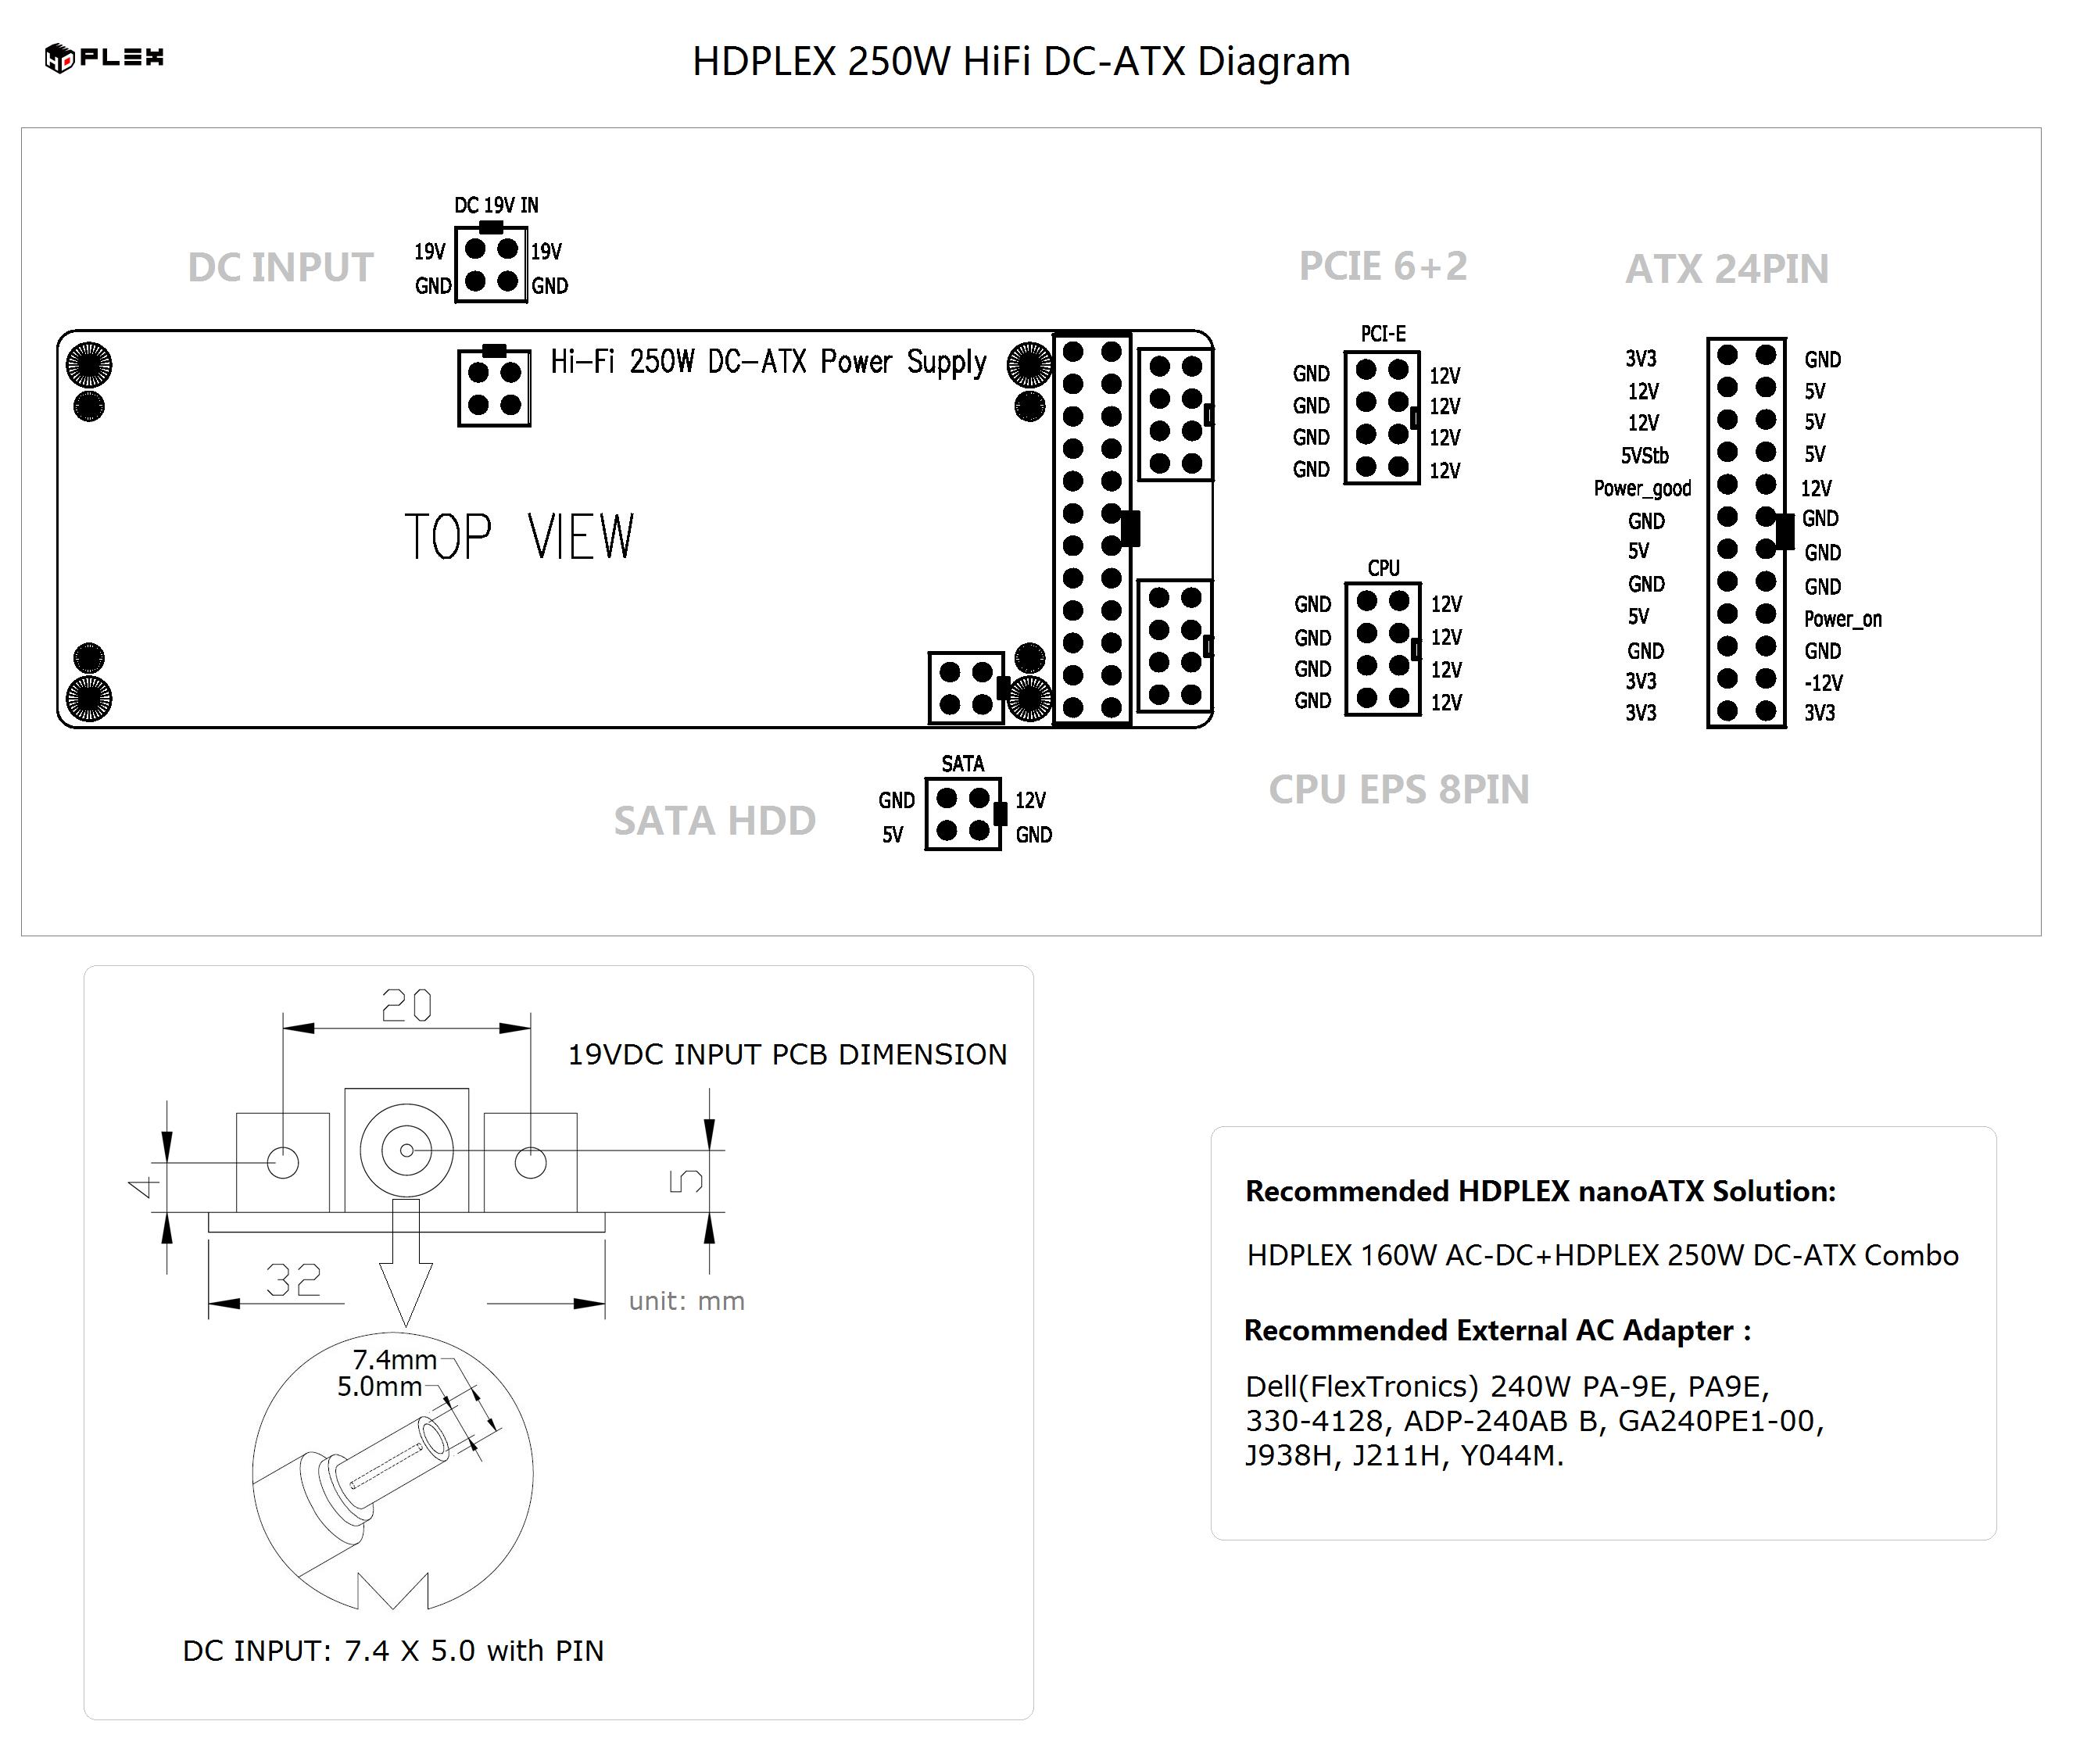 Hdplex 400w Hifi Dc Atx Converter Dell Ups Circuit Diagram Hardware Compatibility